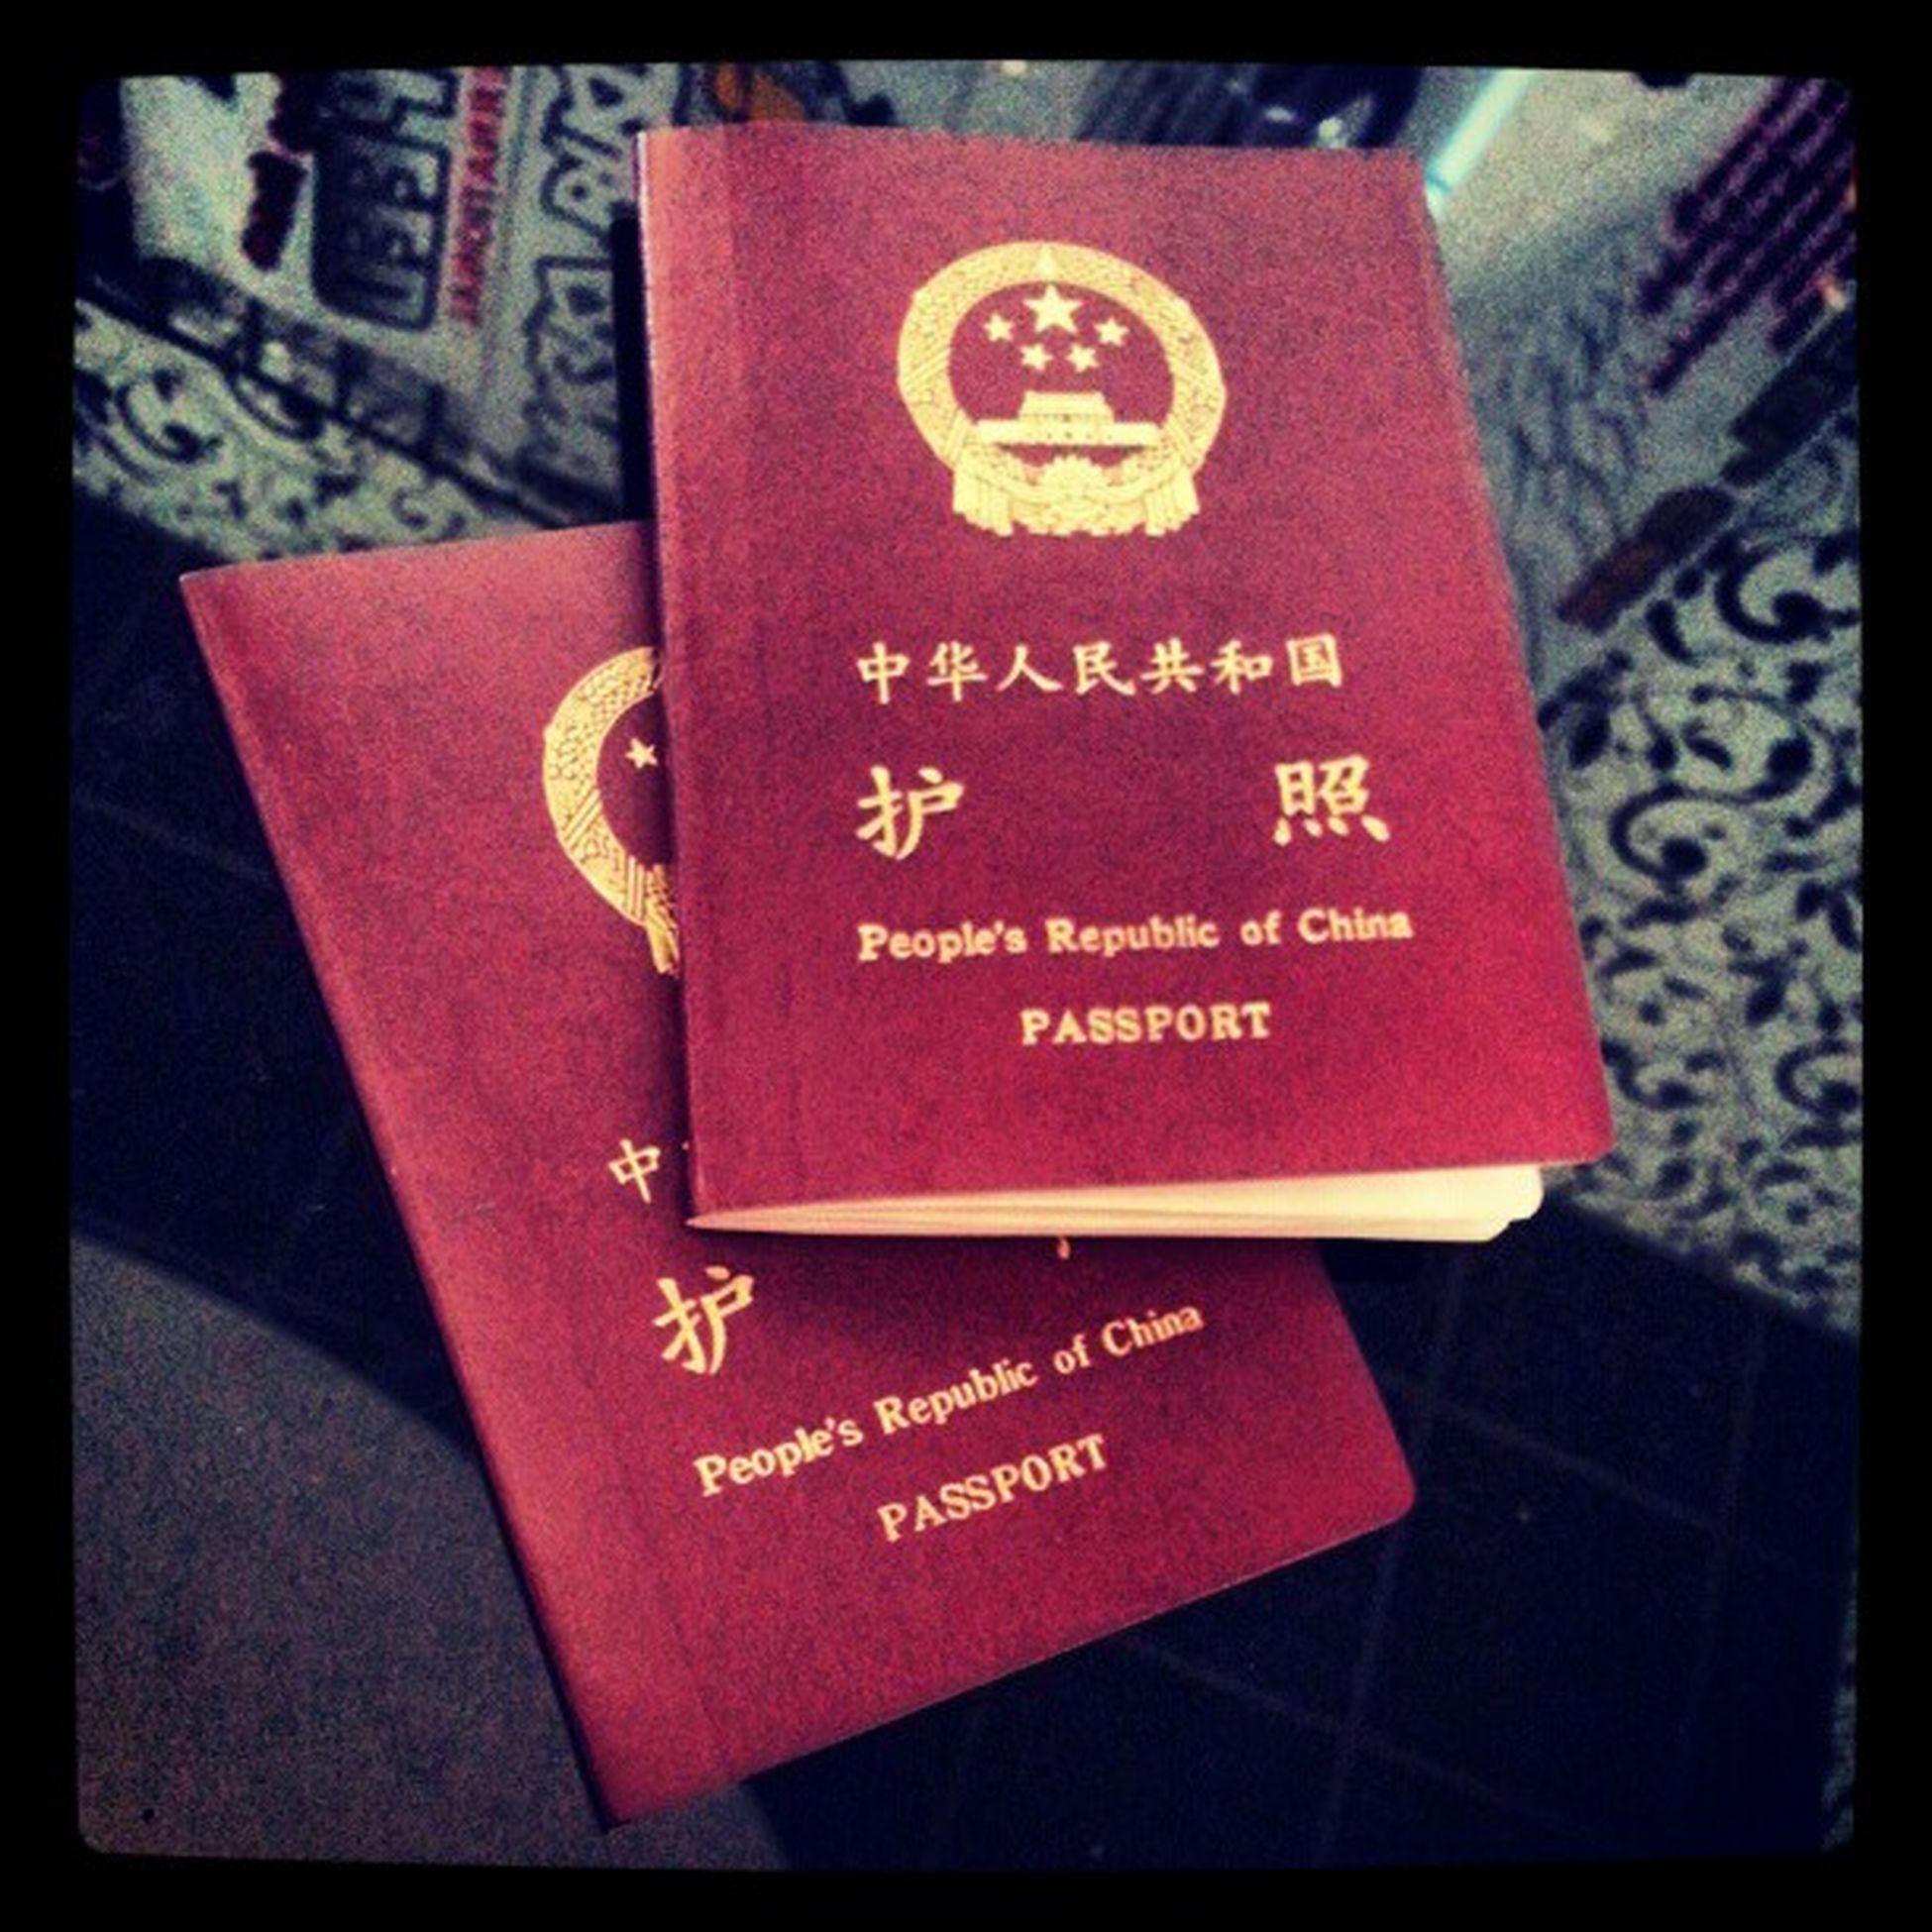 """Иногда... когда мой друг... мой самый близкий человек порой... приносит мне вот так паспорта... у меня мурашки по коже с неистовой силой несутся куда то в глубину моего сердца... и не произвольно вызывают дрожь... в голосе... Так и сегодня... И слова о том что - """"нам надо в Китай Марат... На наш новый год... надо сделать визу..."""" и ты знаешь... вроде бы и не на долго... но так не спокойно на душе... и за такие вот эмоции.. ты уважаешь. .. НАСТОЯЩУЮ ДРУЖБУ..."""